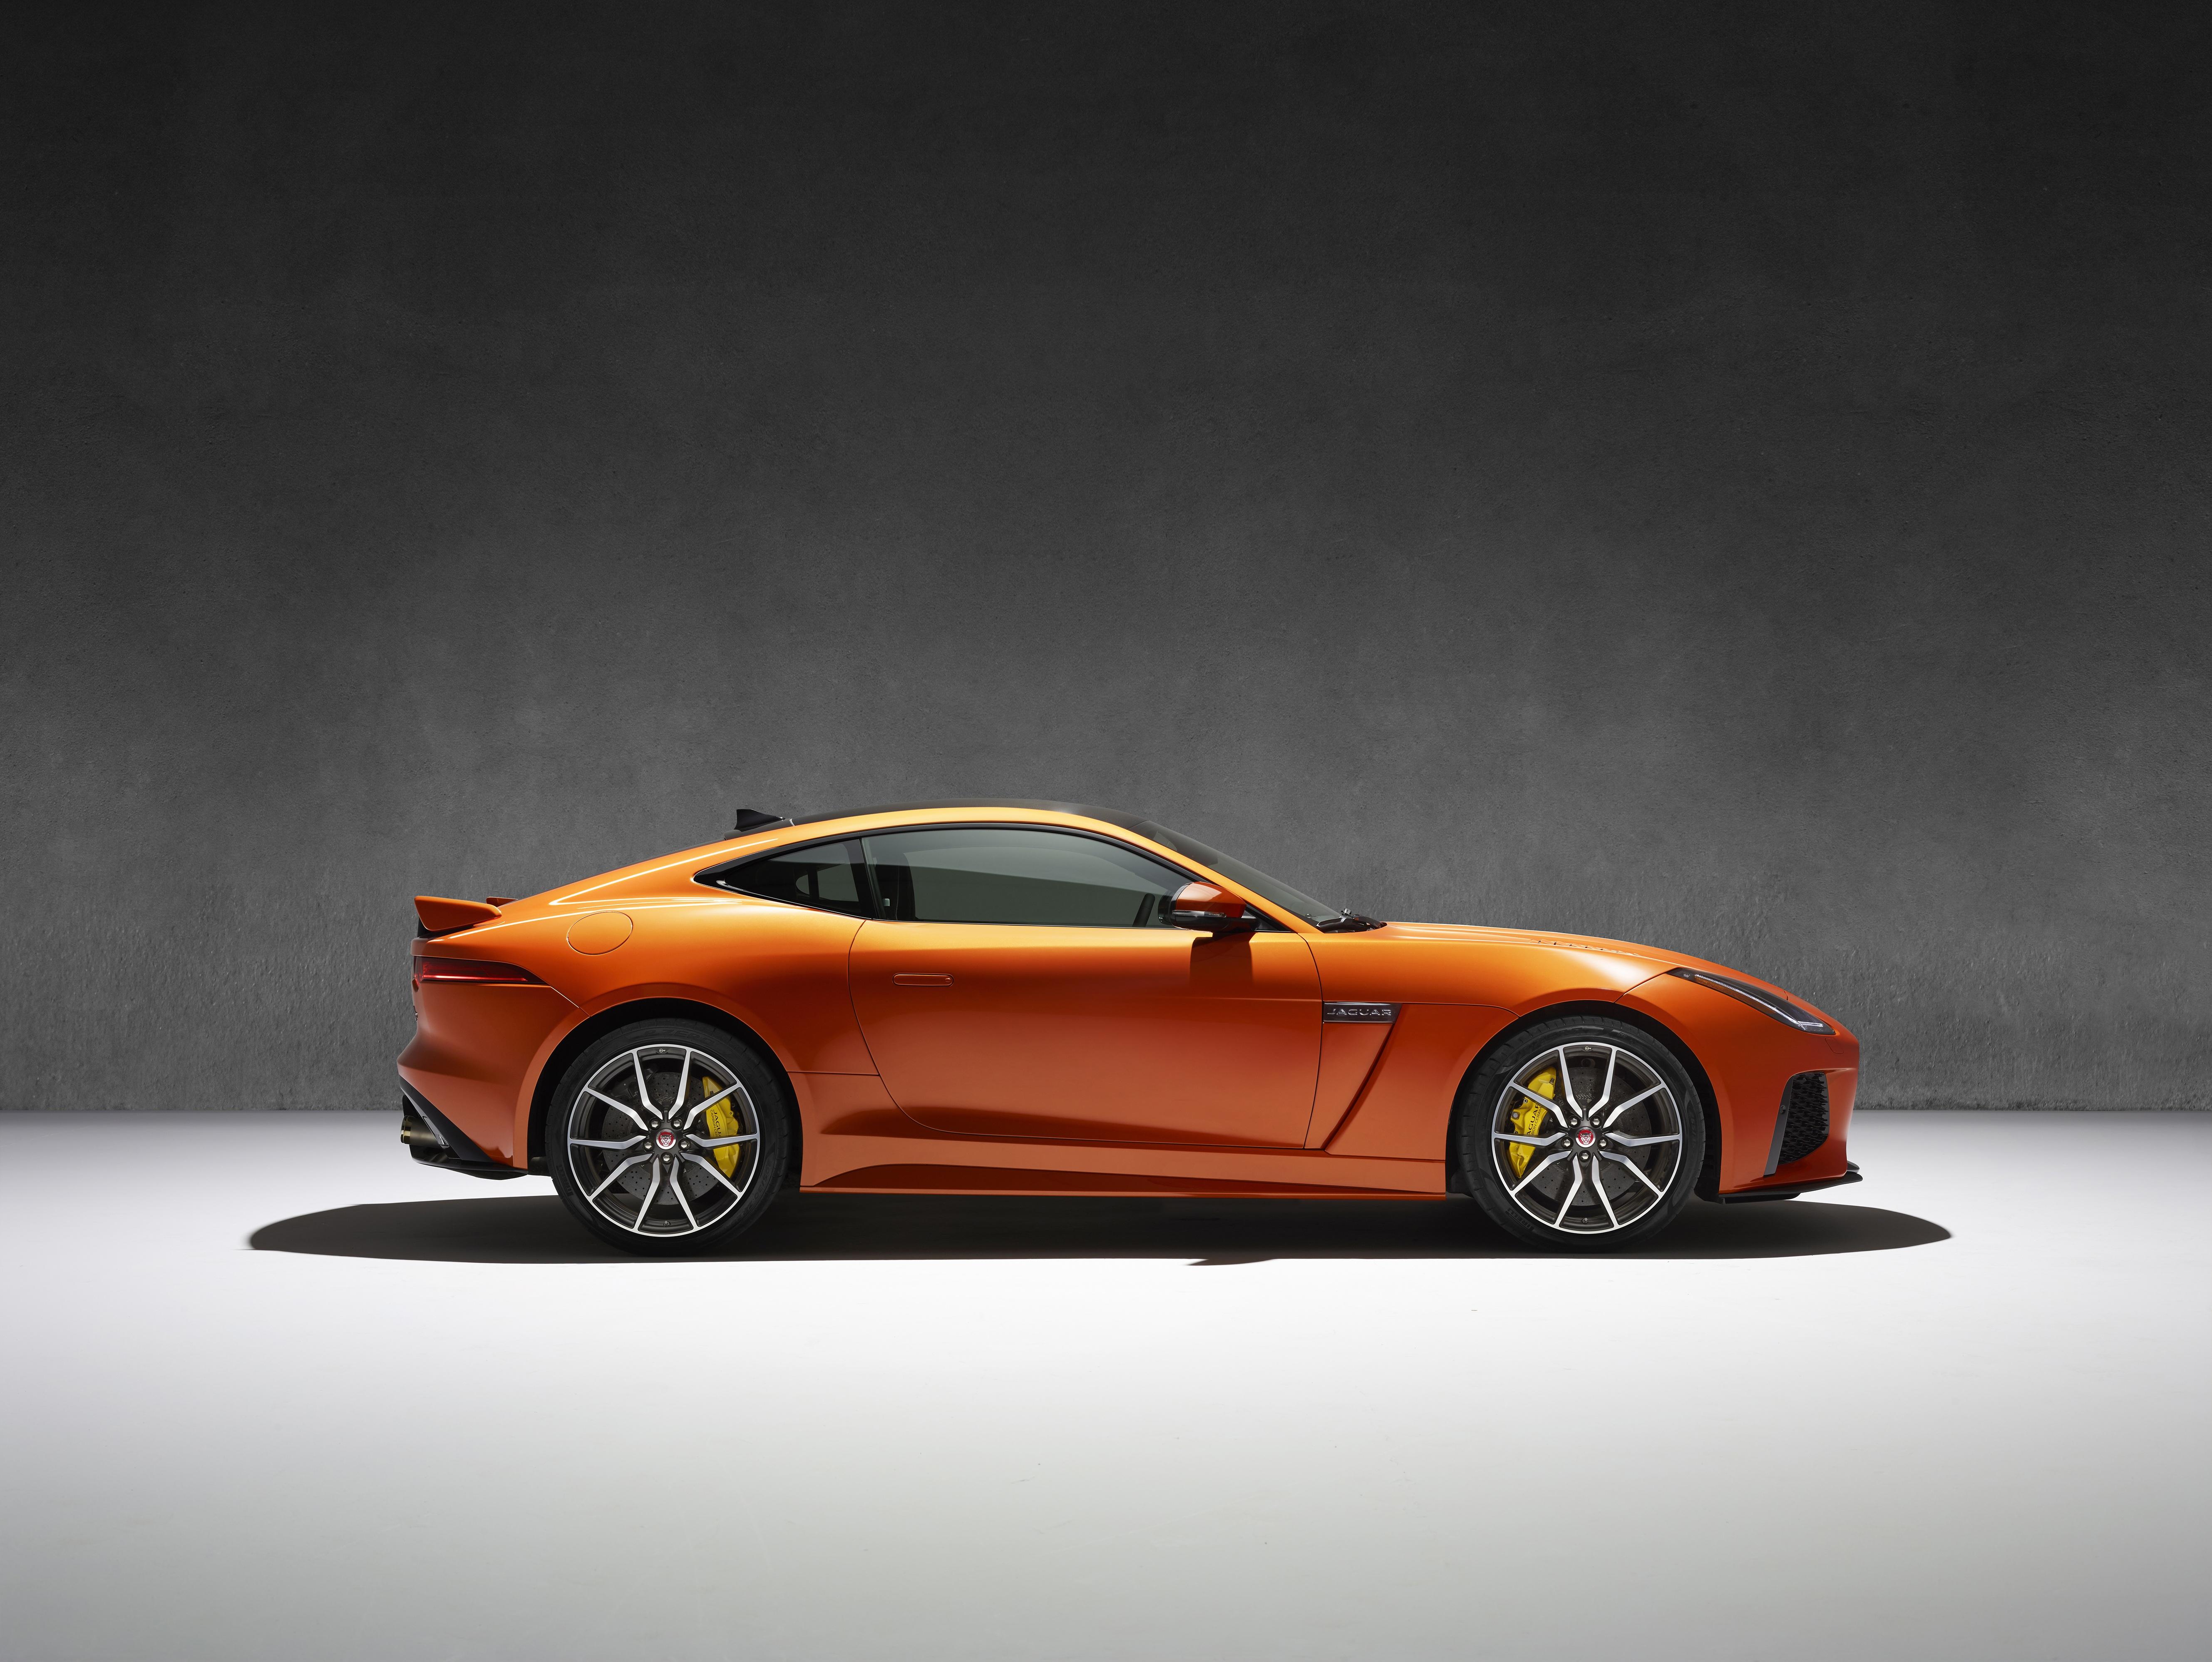 2018 Jaguar F Type >> 2016 Jaguar F-Type SVR – 567 hp, 700 Nm, 321 km/h Paul Tan - Image 442902